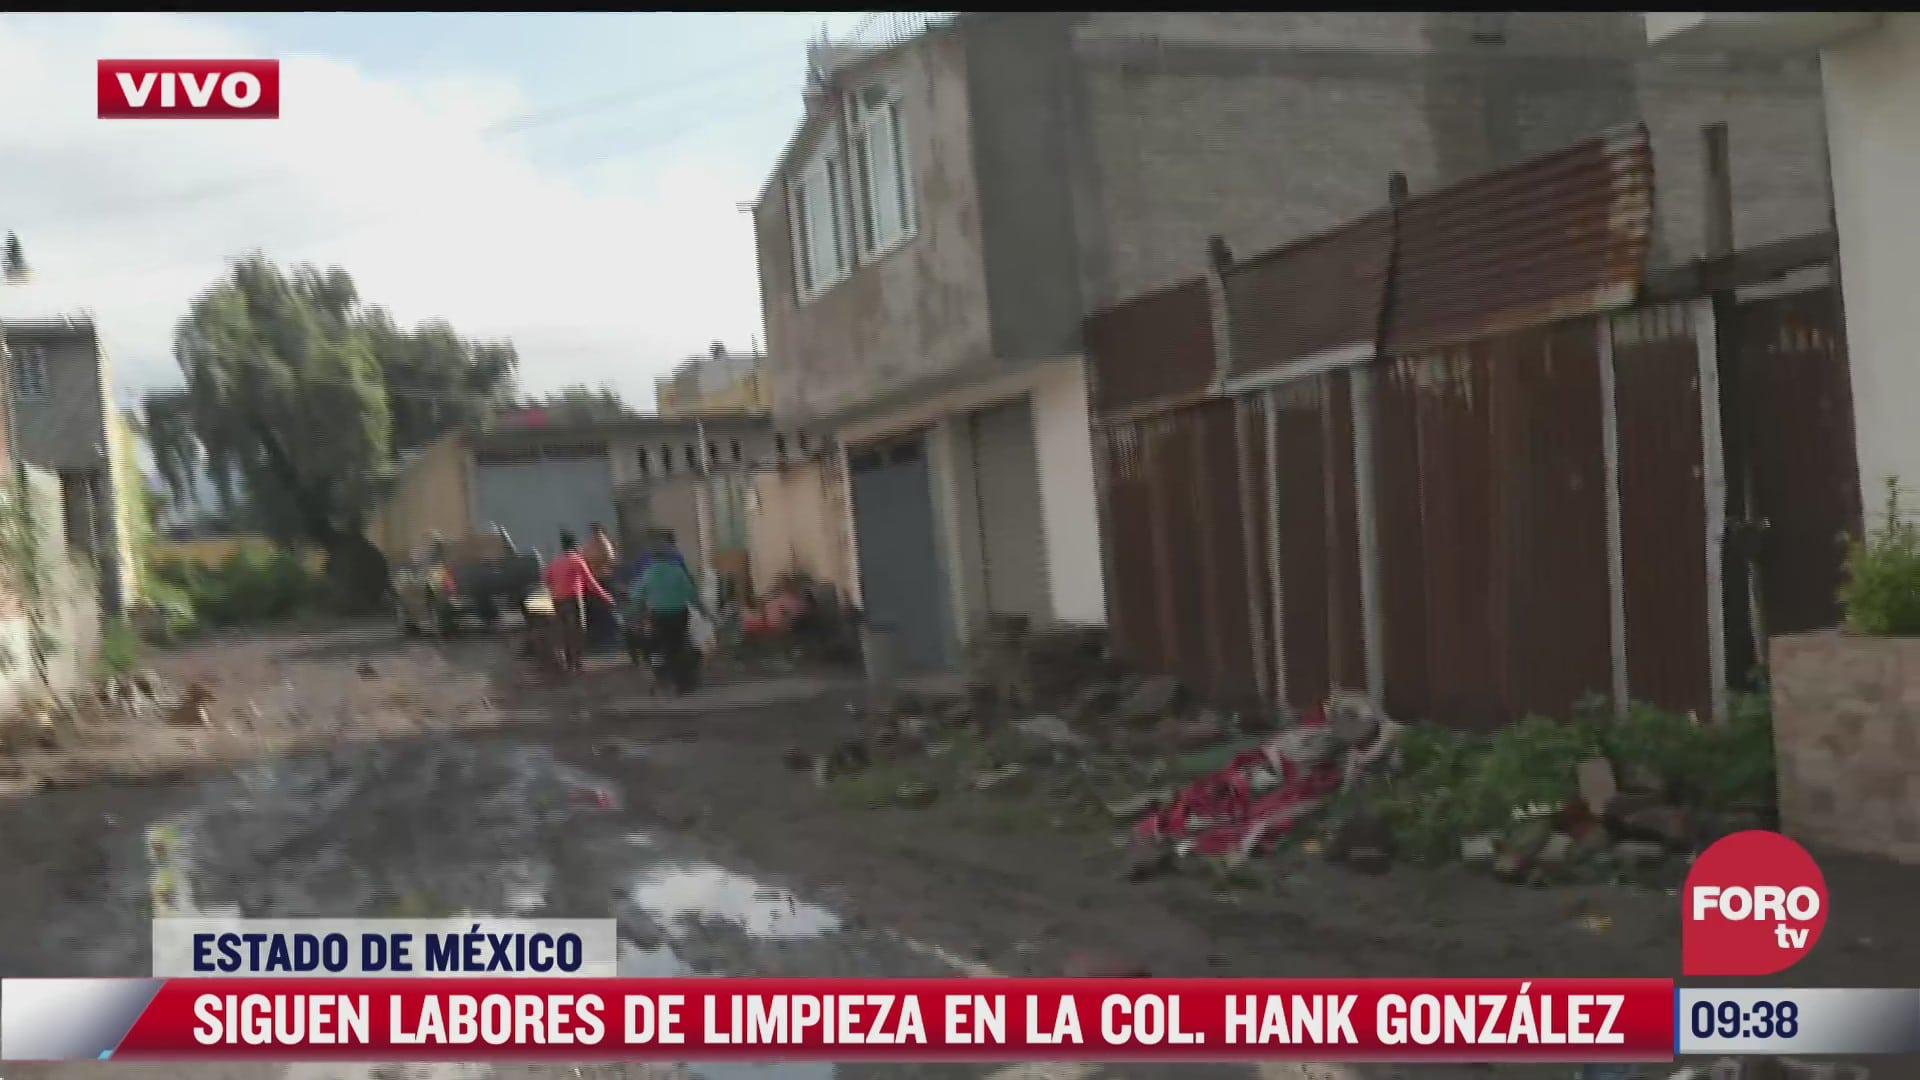 seguimos sin ayuda declara afectada por las inundaciones en ecatepec estado de mexico